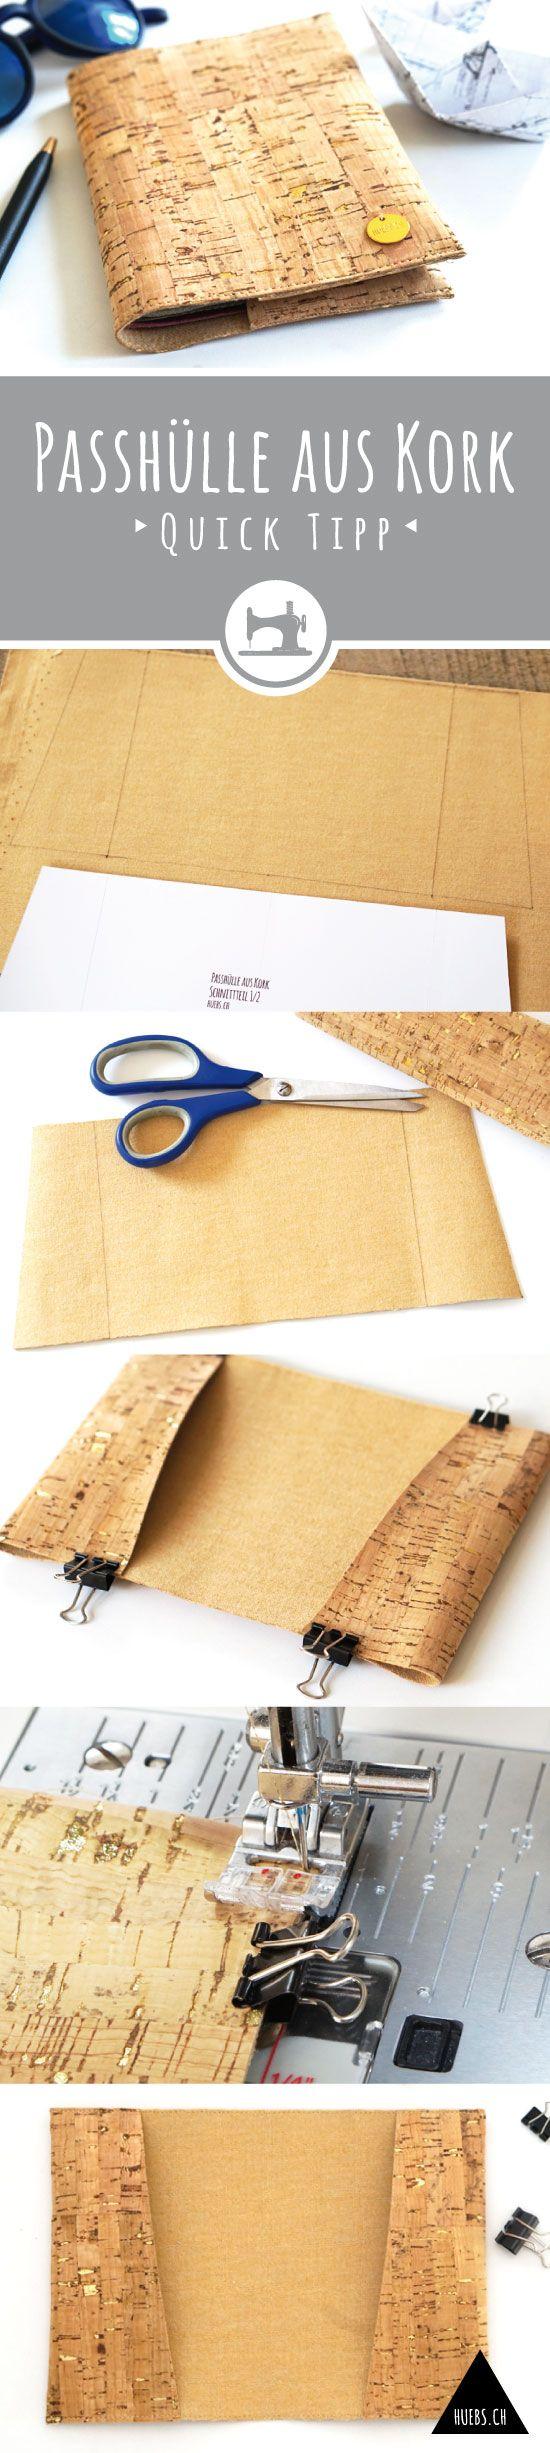 DIY Passhülle aus Kork - gratis Anleitung und Schnittmuster - Quick-Tipp